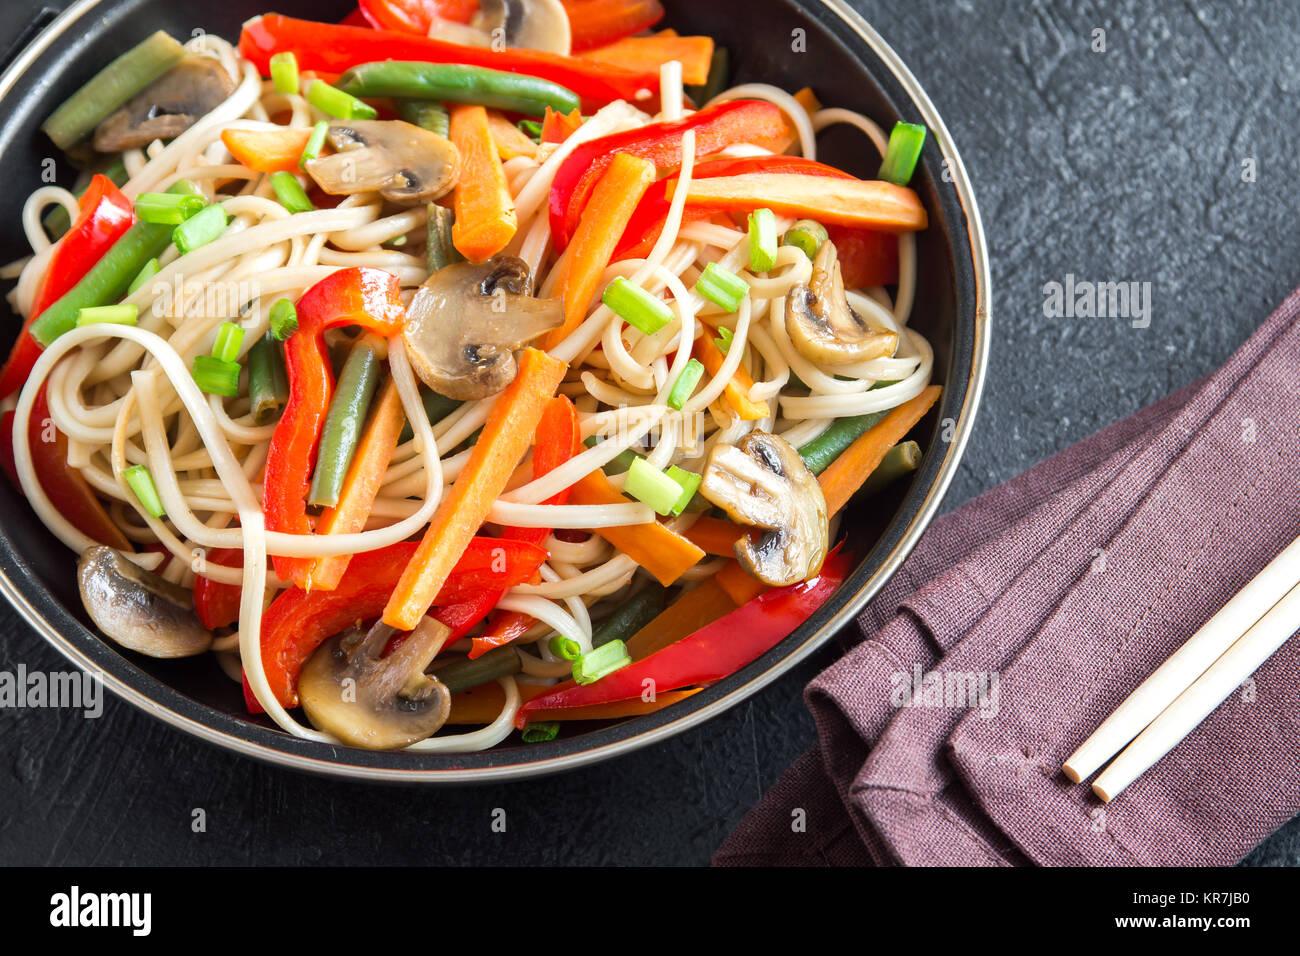 Stir fry with udon noodles, mushrooms and vegetables. Asian vegan vegetarian food, meal, stir fry over black background, - Stock Image